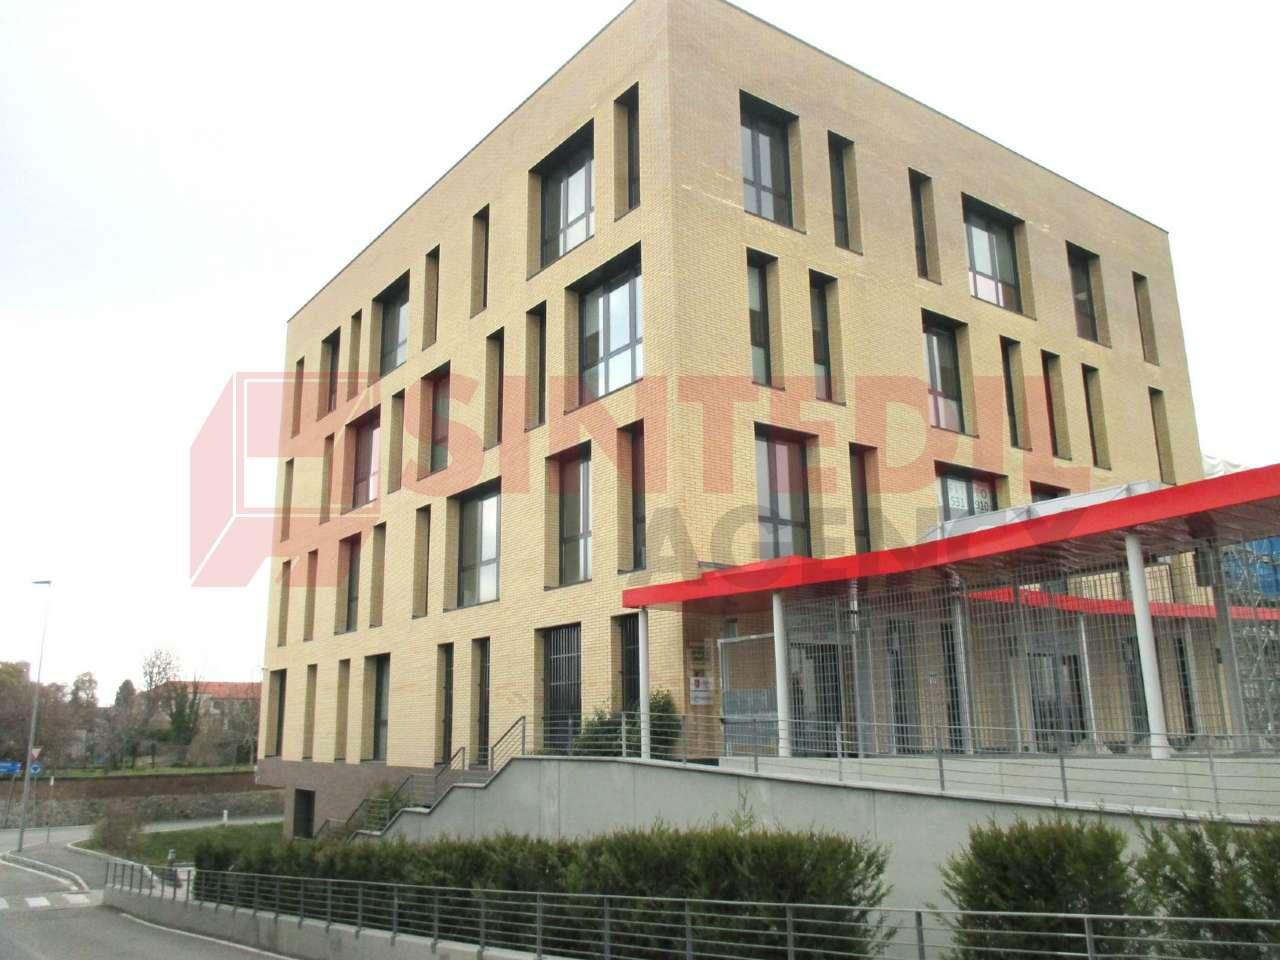 Immagine immobiliare affitto ufficio in palazzina direzionale A Rivarolo Canavese, Via Vallero (zona centrale) nella nuova palazzina direzionale denominata